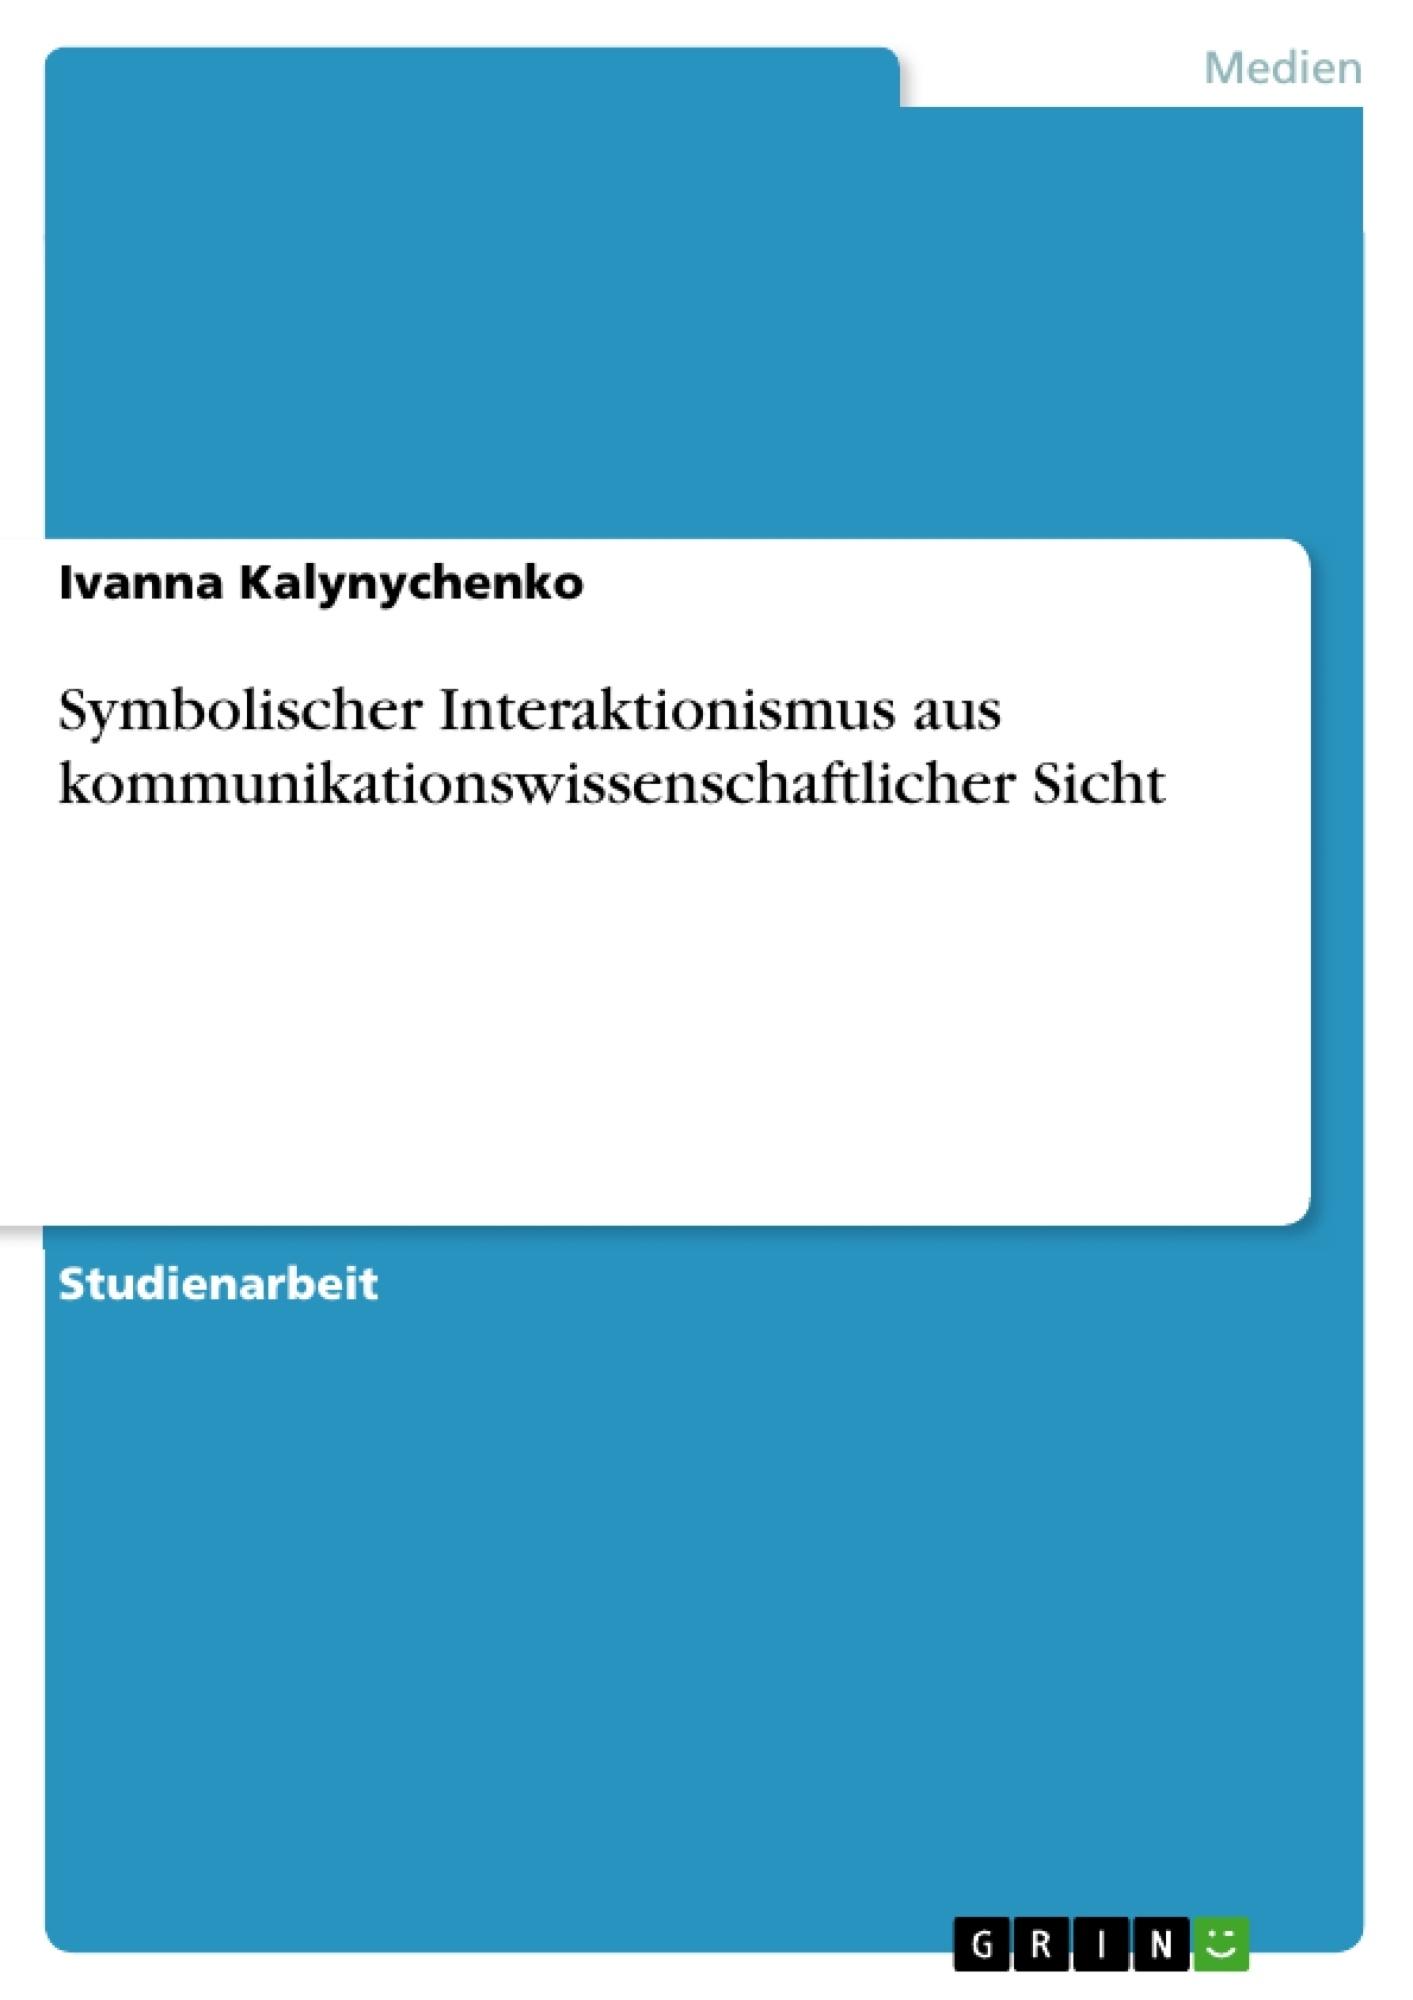 Titel: Symbolischer Interaktionismus   aus kommunikationswissenschaftlicher Sicht